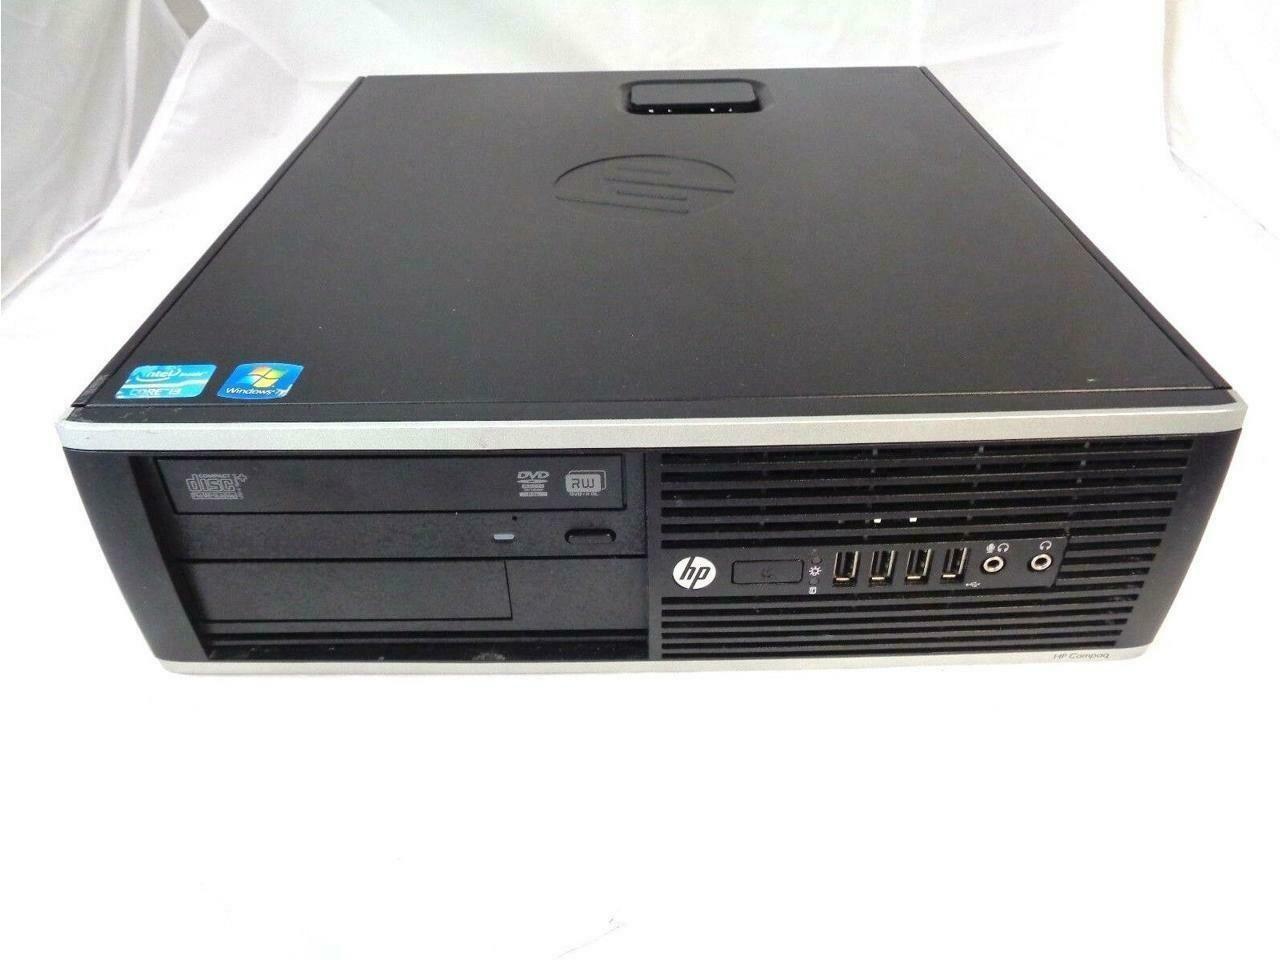 HP Compaq Pro Intel i3 Core 3.1GHz 4GB RAM 250GB HDD Win 7 Pro